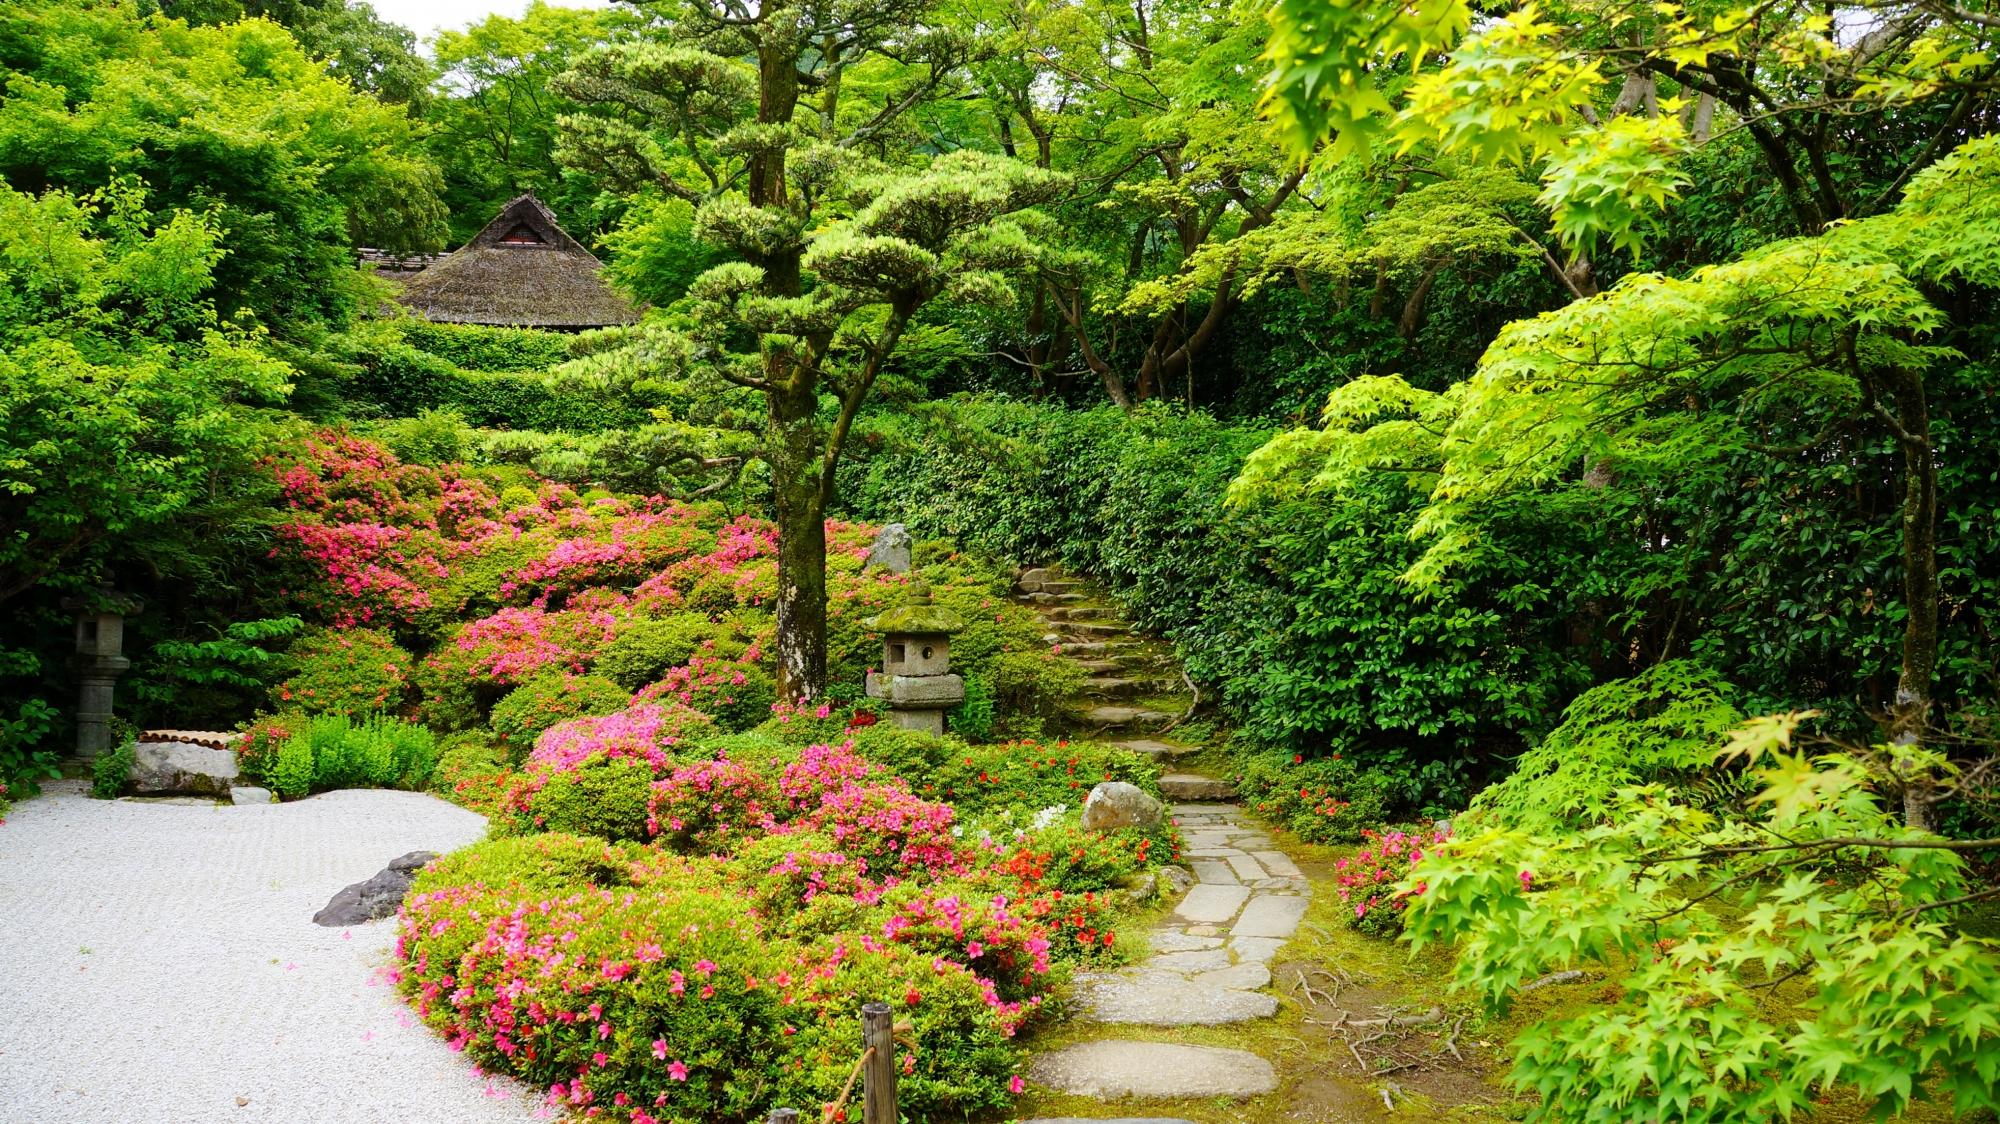 金福寺の素晴らしいサツキや新緑と春の情景